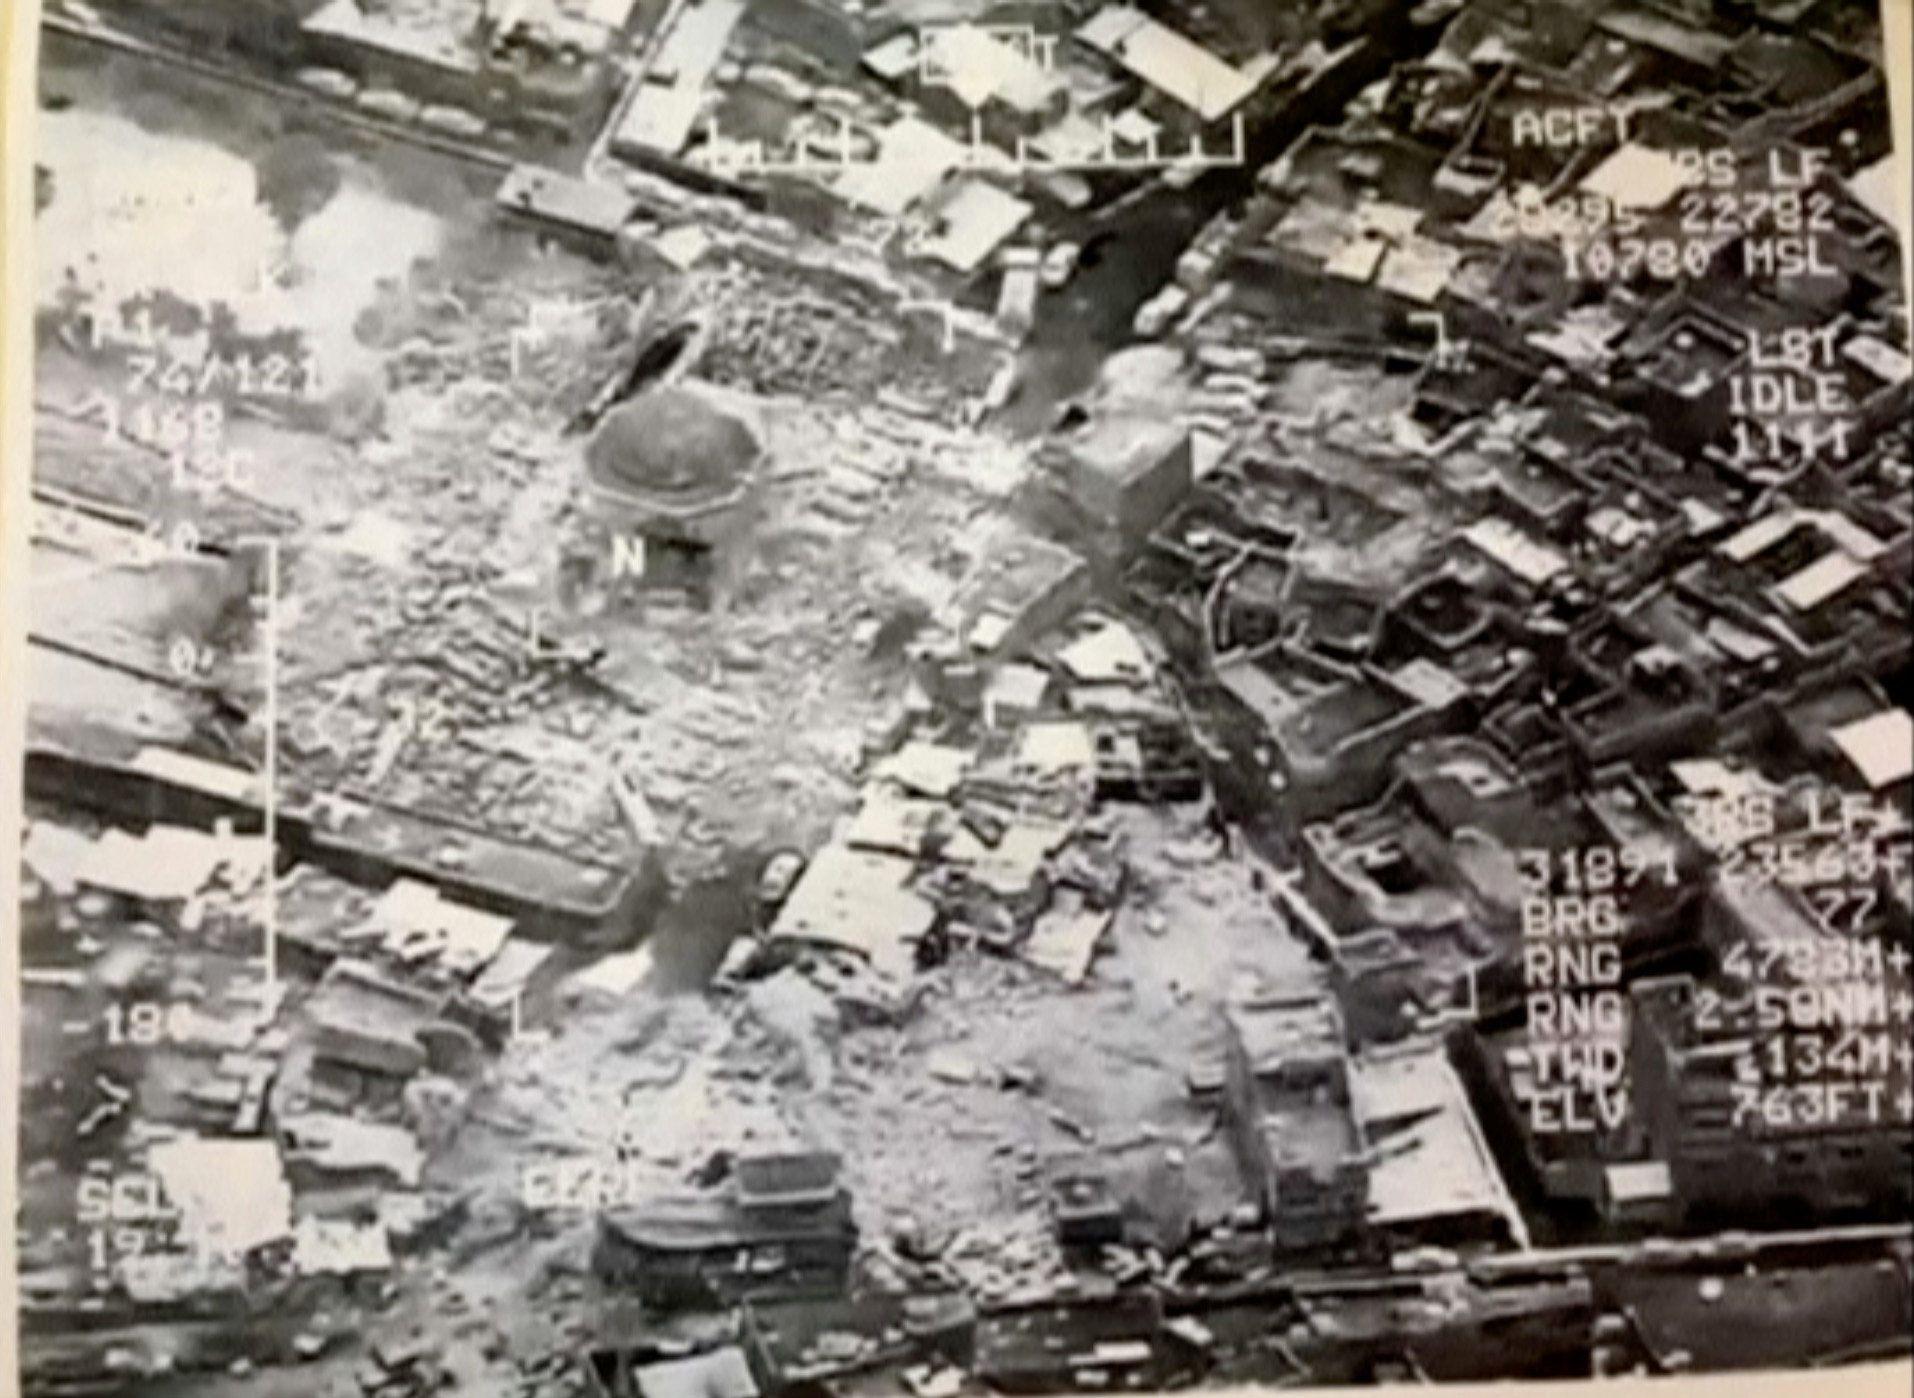 Ataque aéreo destrói importante mesquita de Mossul